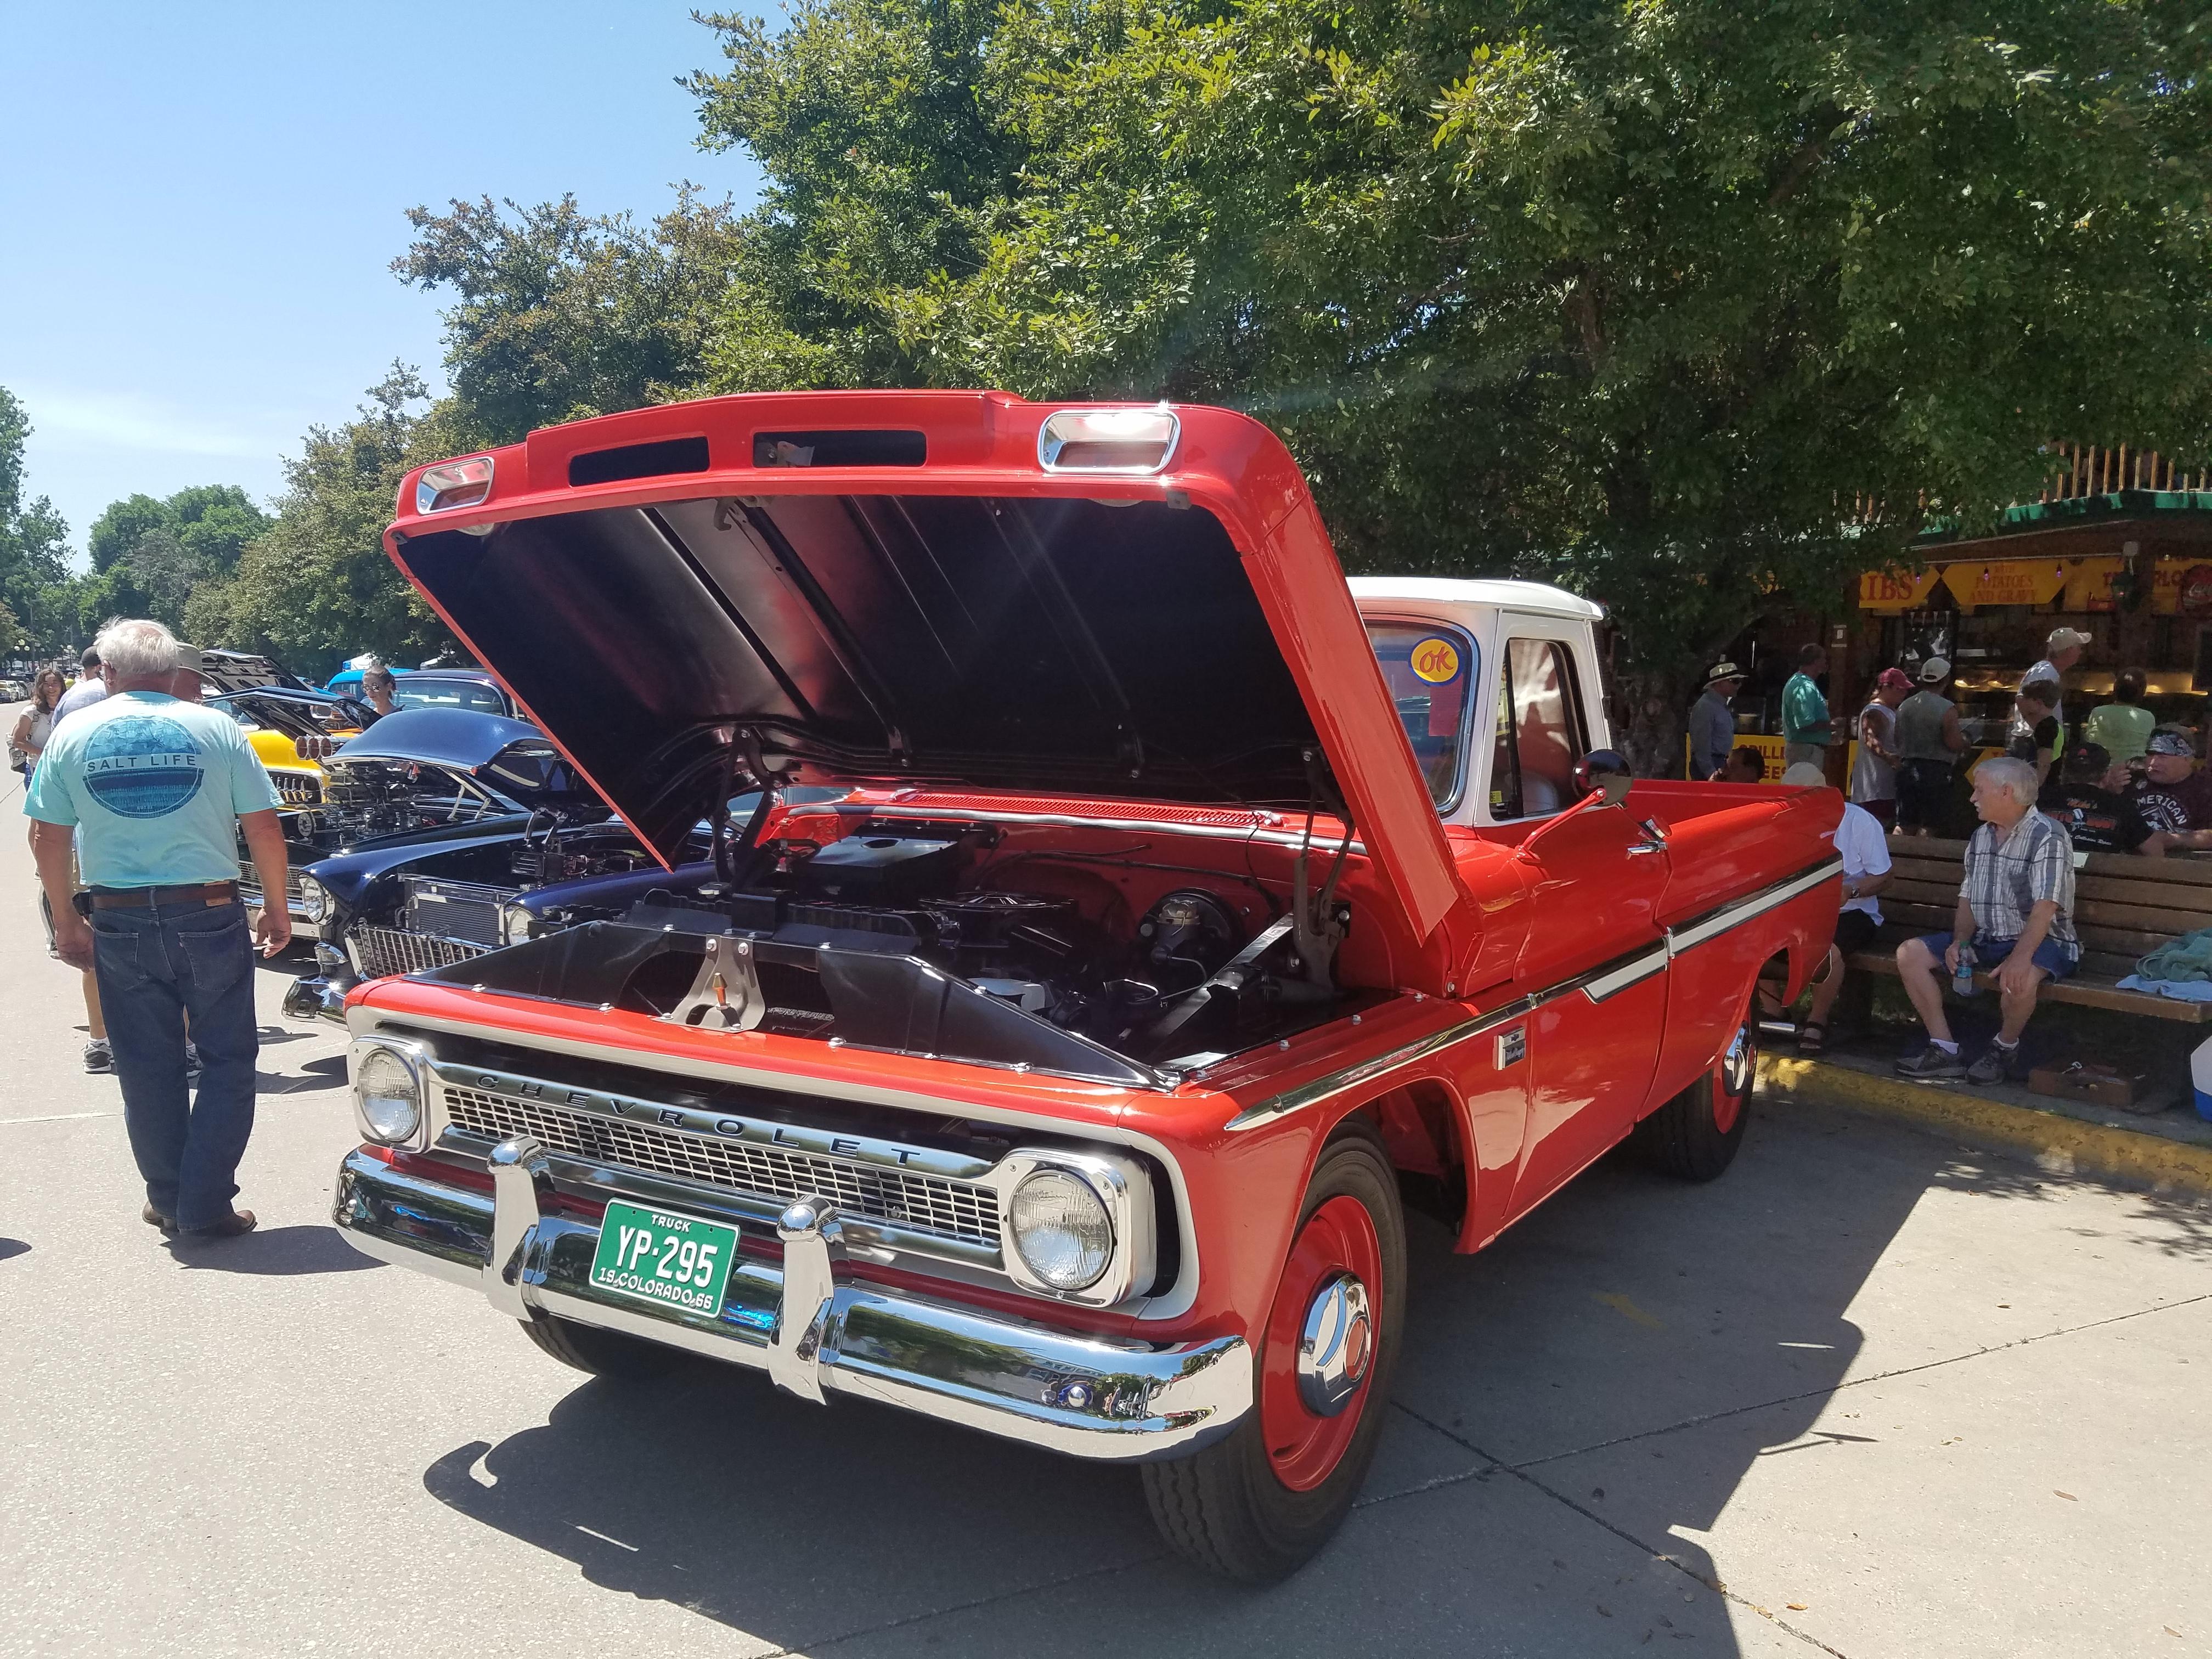 Good Guys Car Show Iowa State Fair Blue Ribbon Foundation - Good guys car show iowa